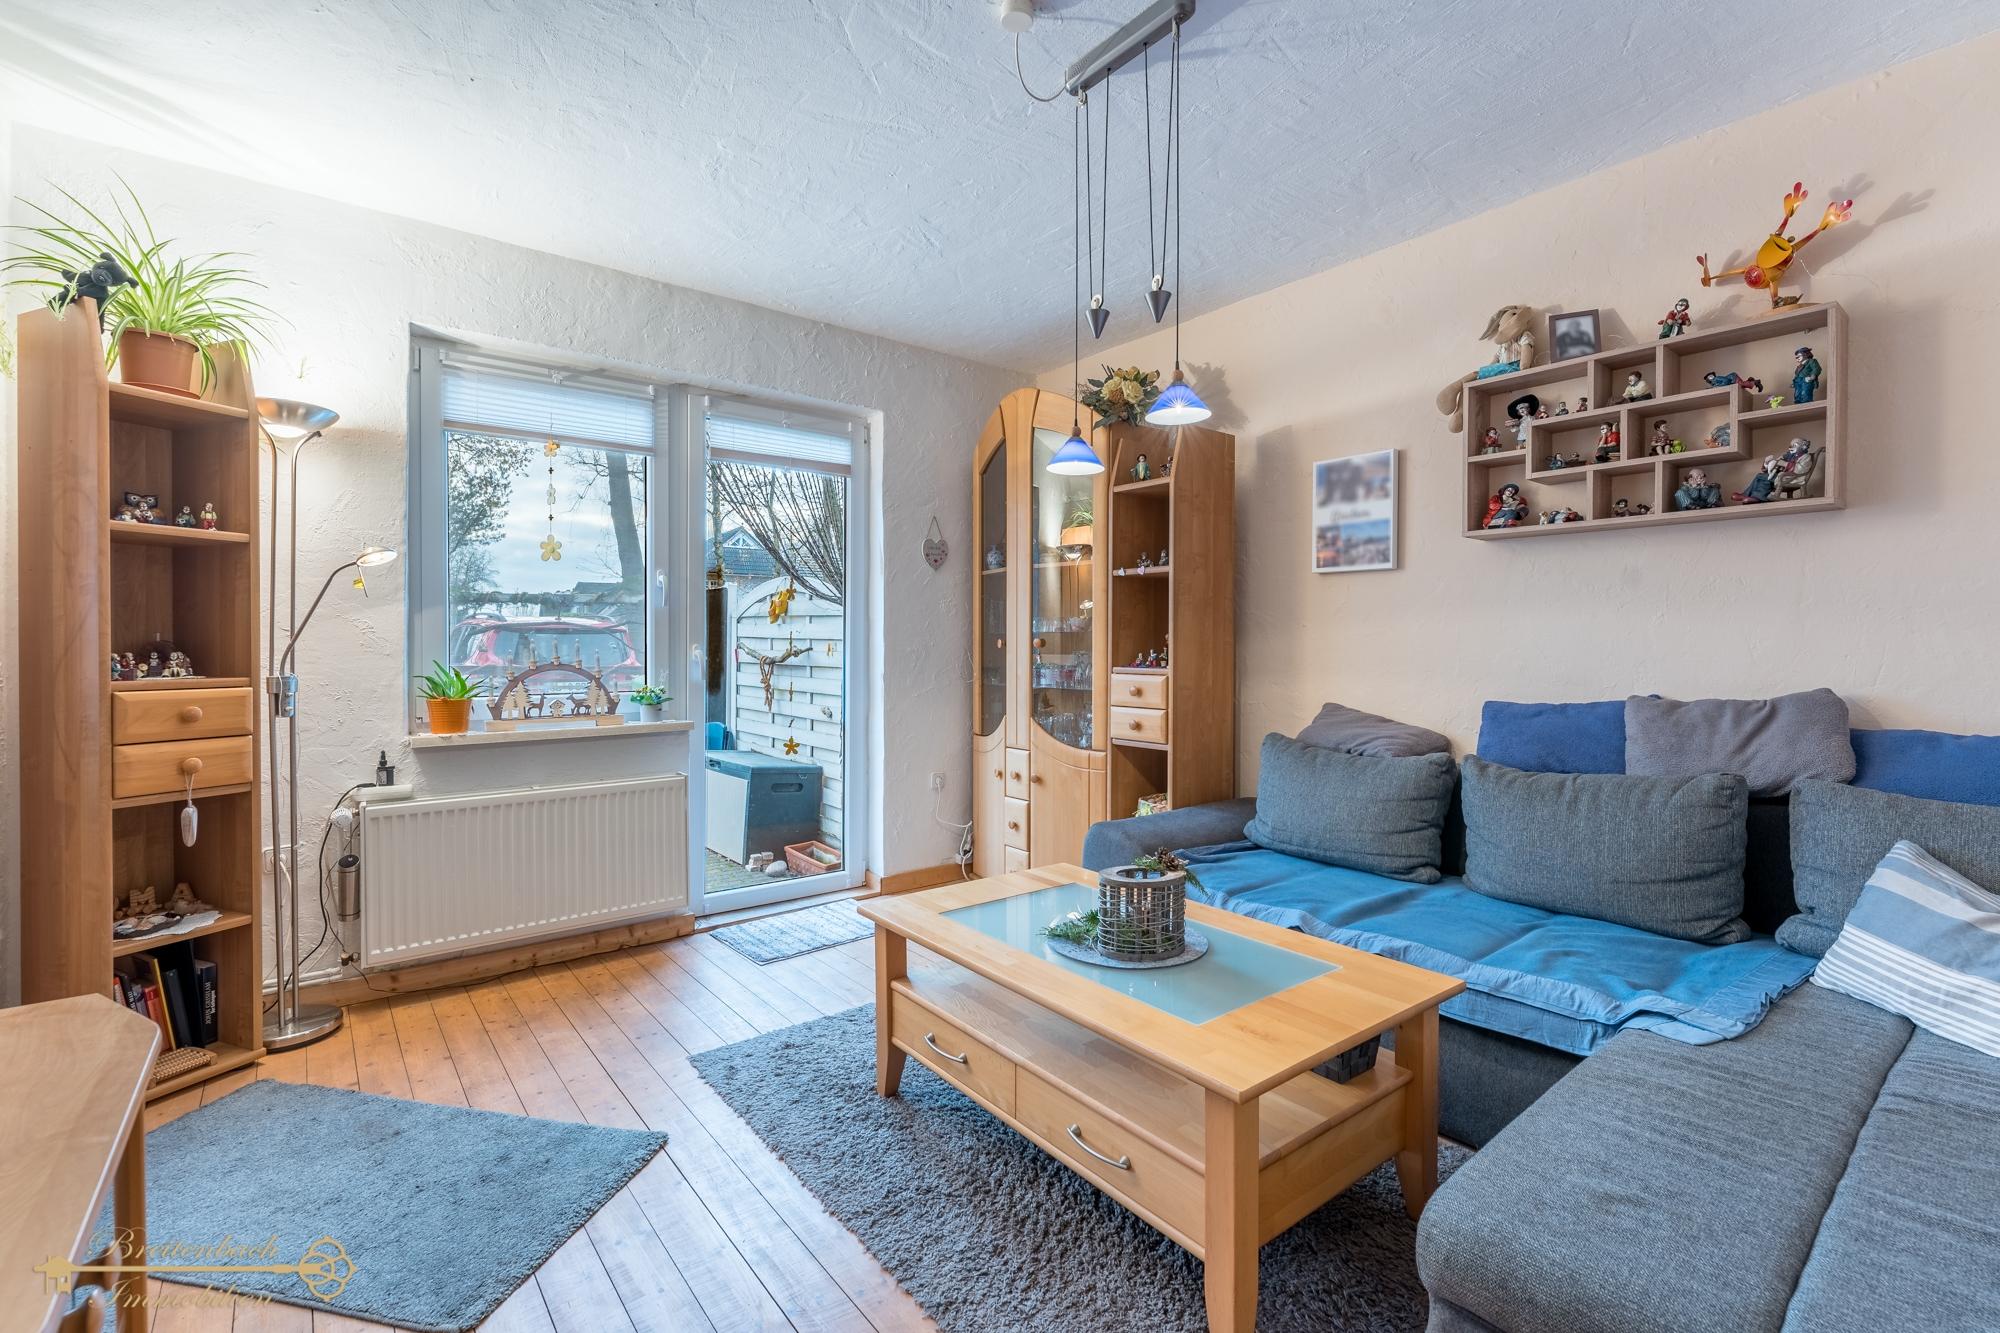 2020-11-29-Breitenbach-Immobilien-12